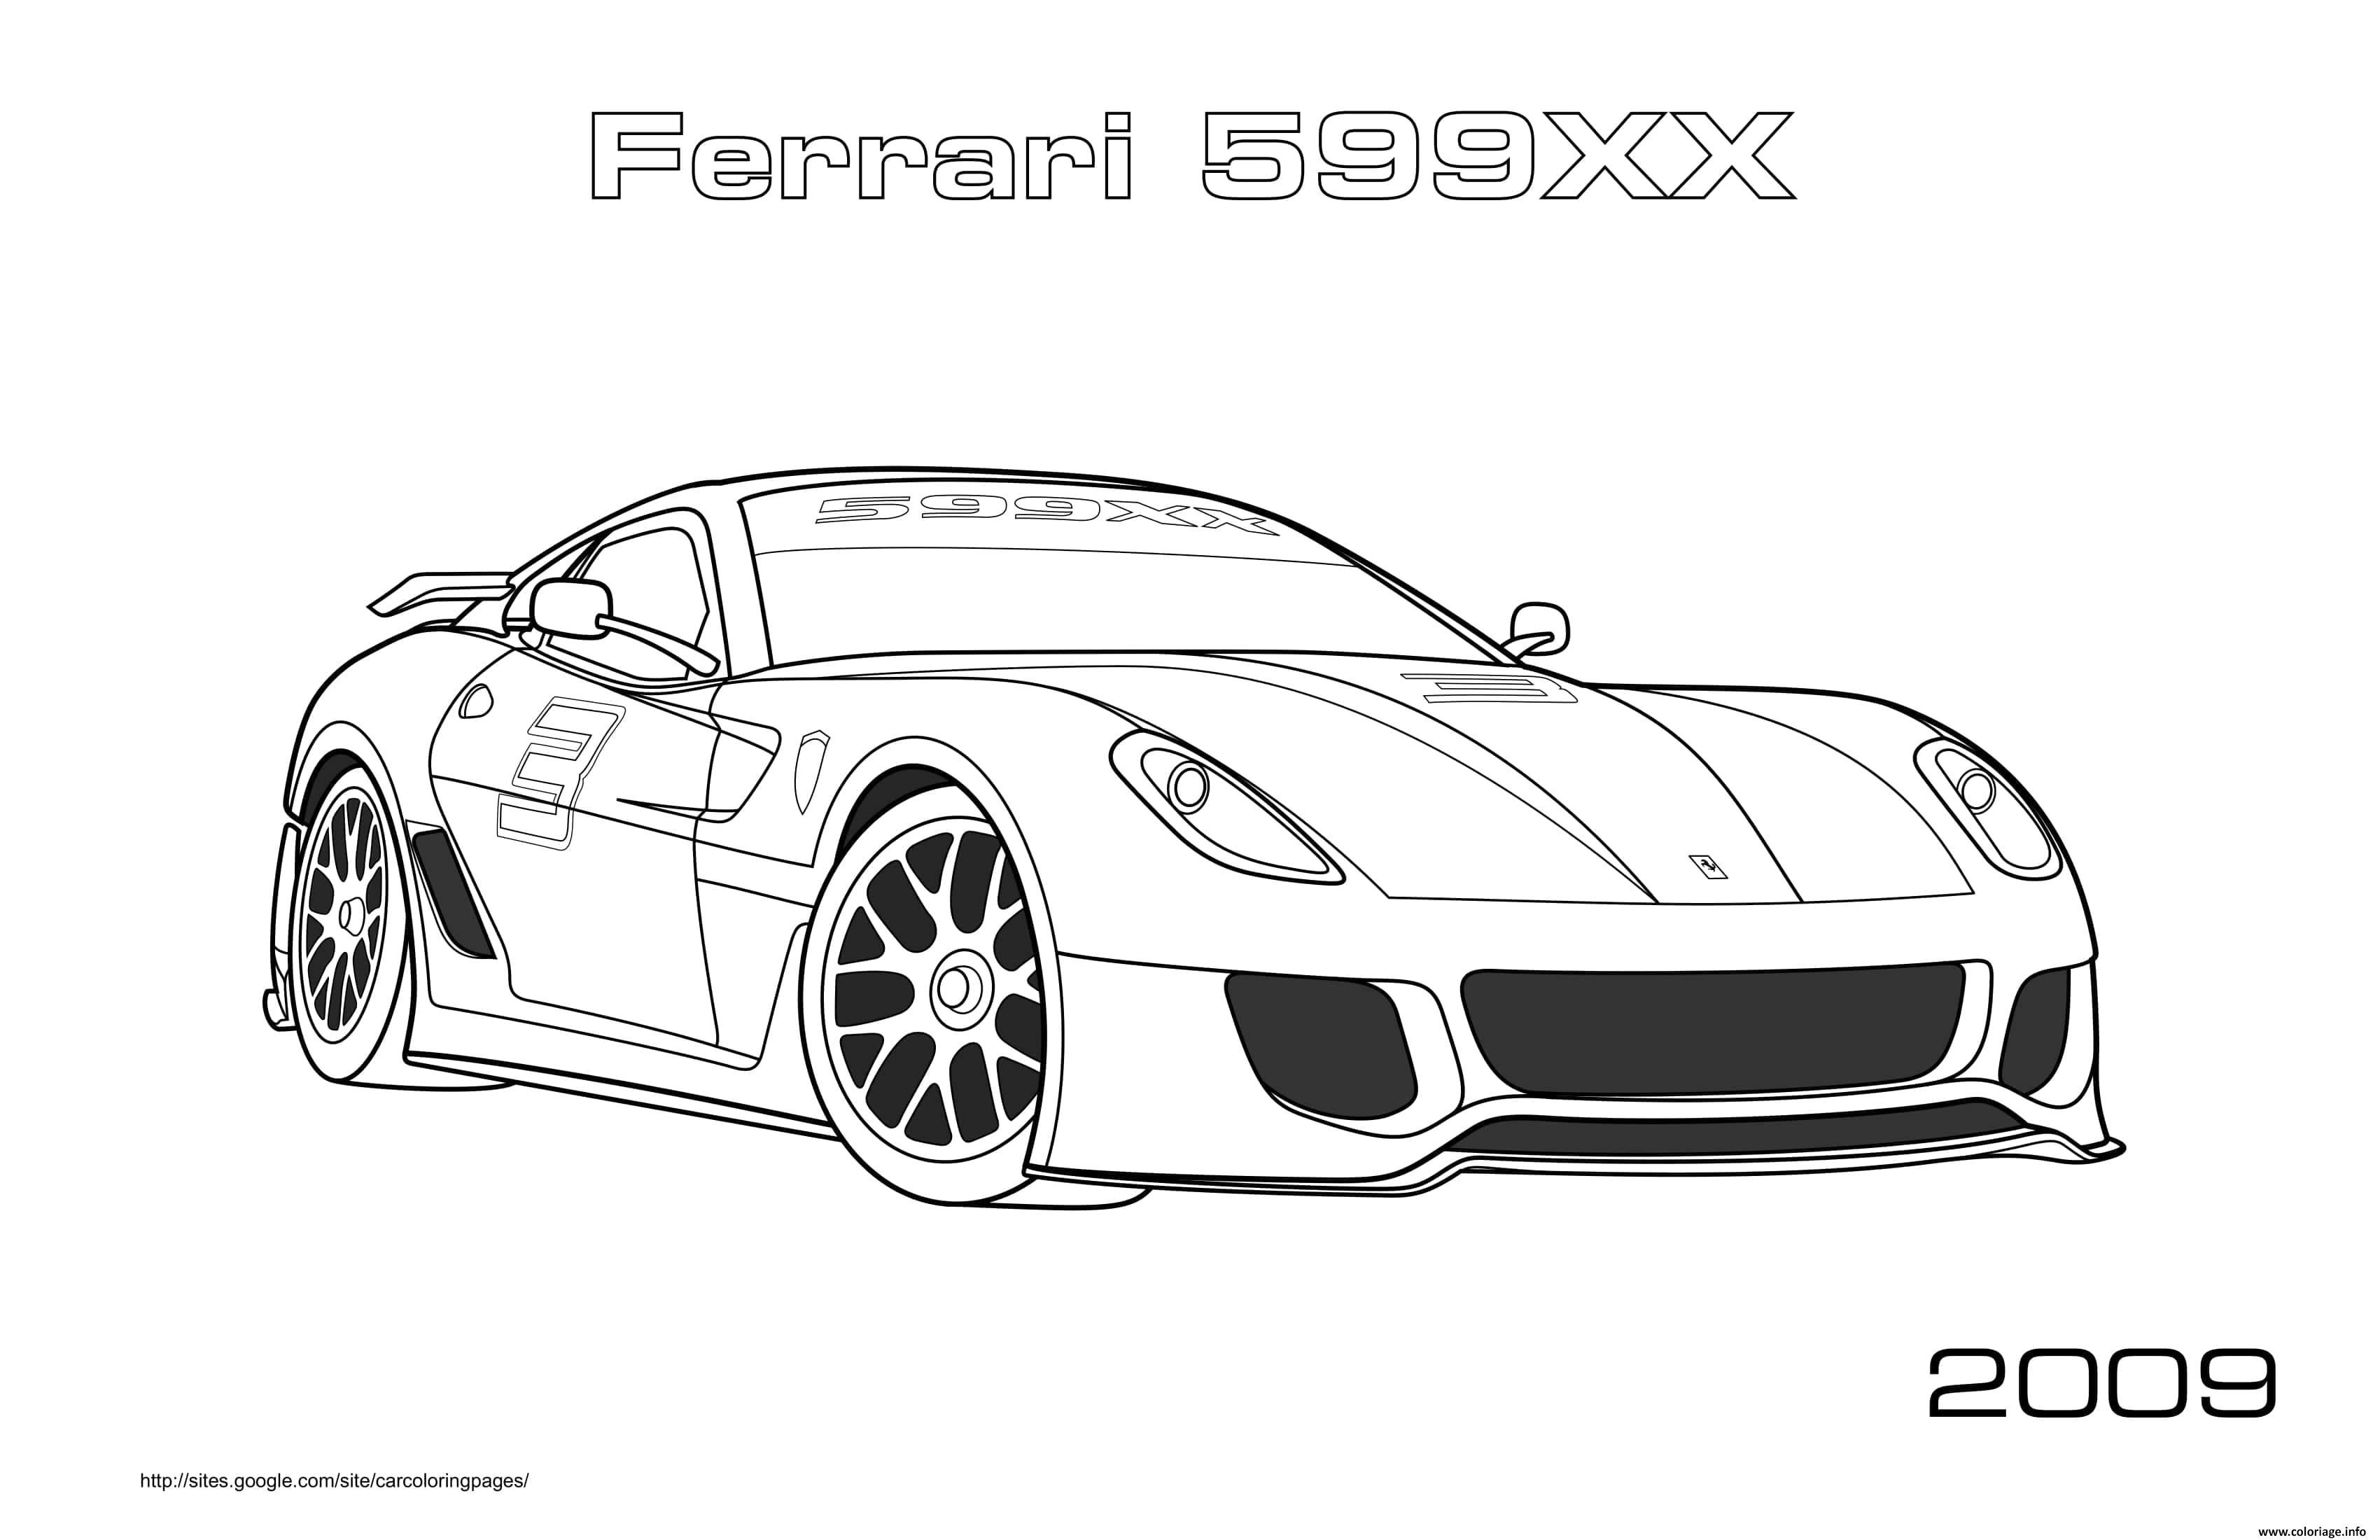 Dessin Ferrari 599xx 2009 Coloriage Gratuit à Imprimer